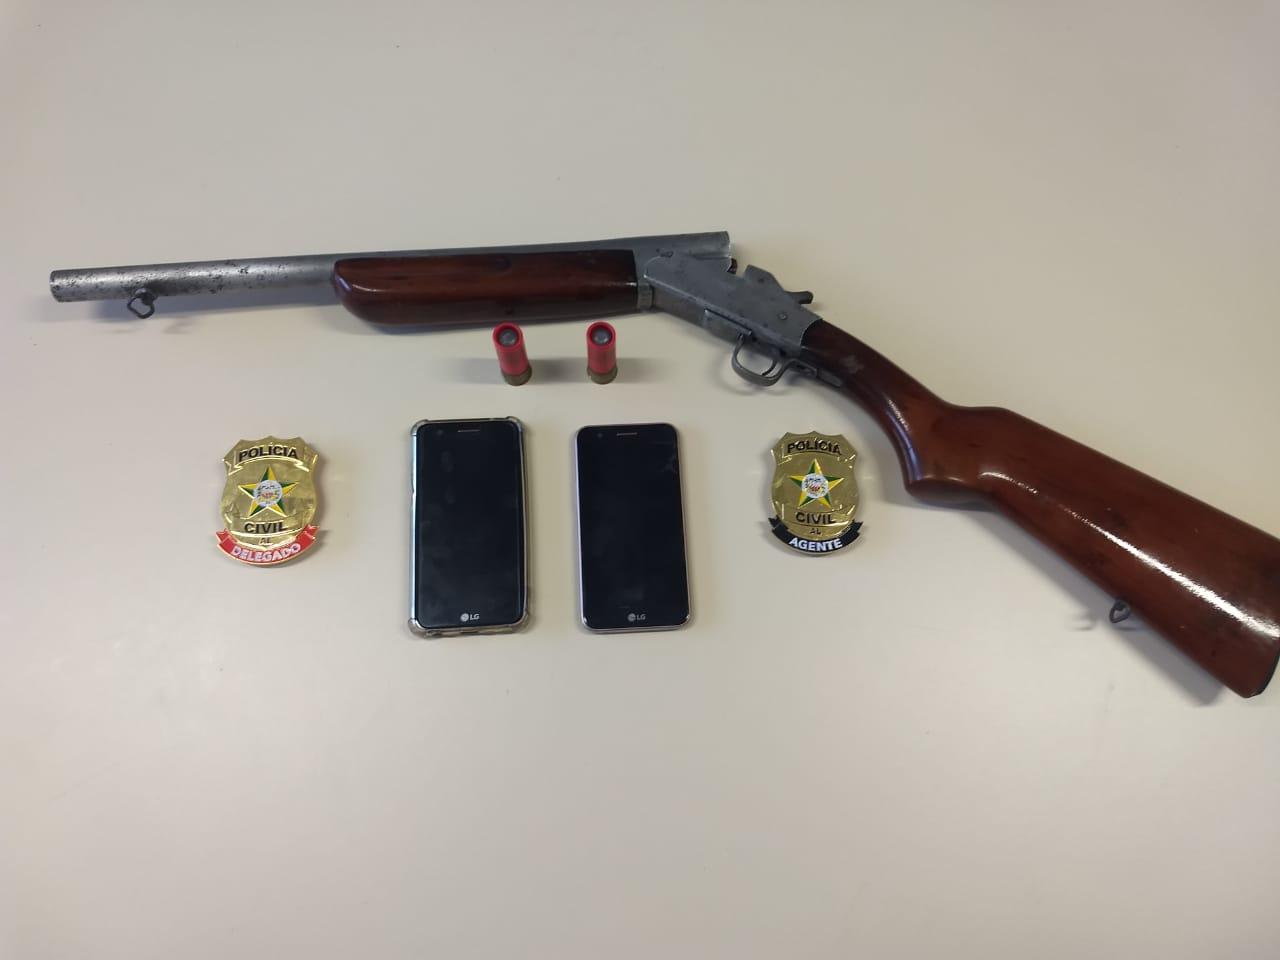 Arma e celulares apreendidos